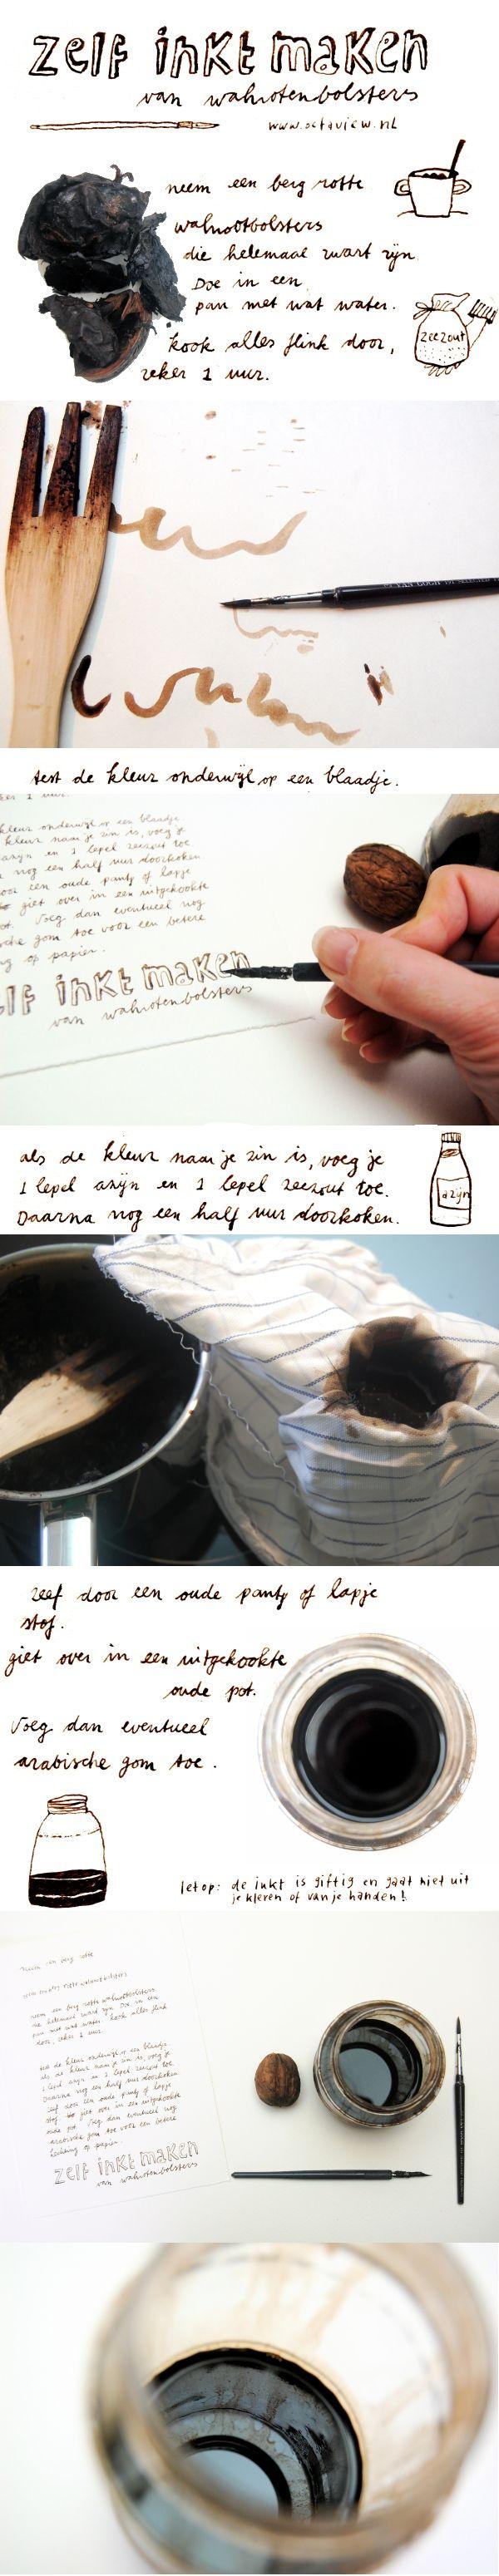 Zelf inkt maken van walnotenbolsters // recept van Octaview